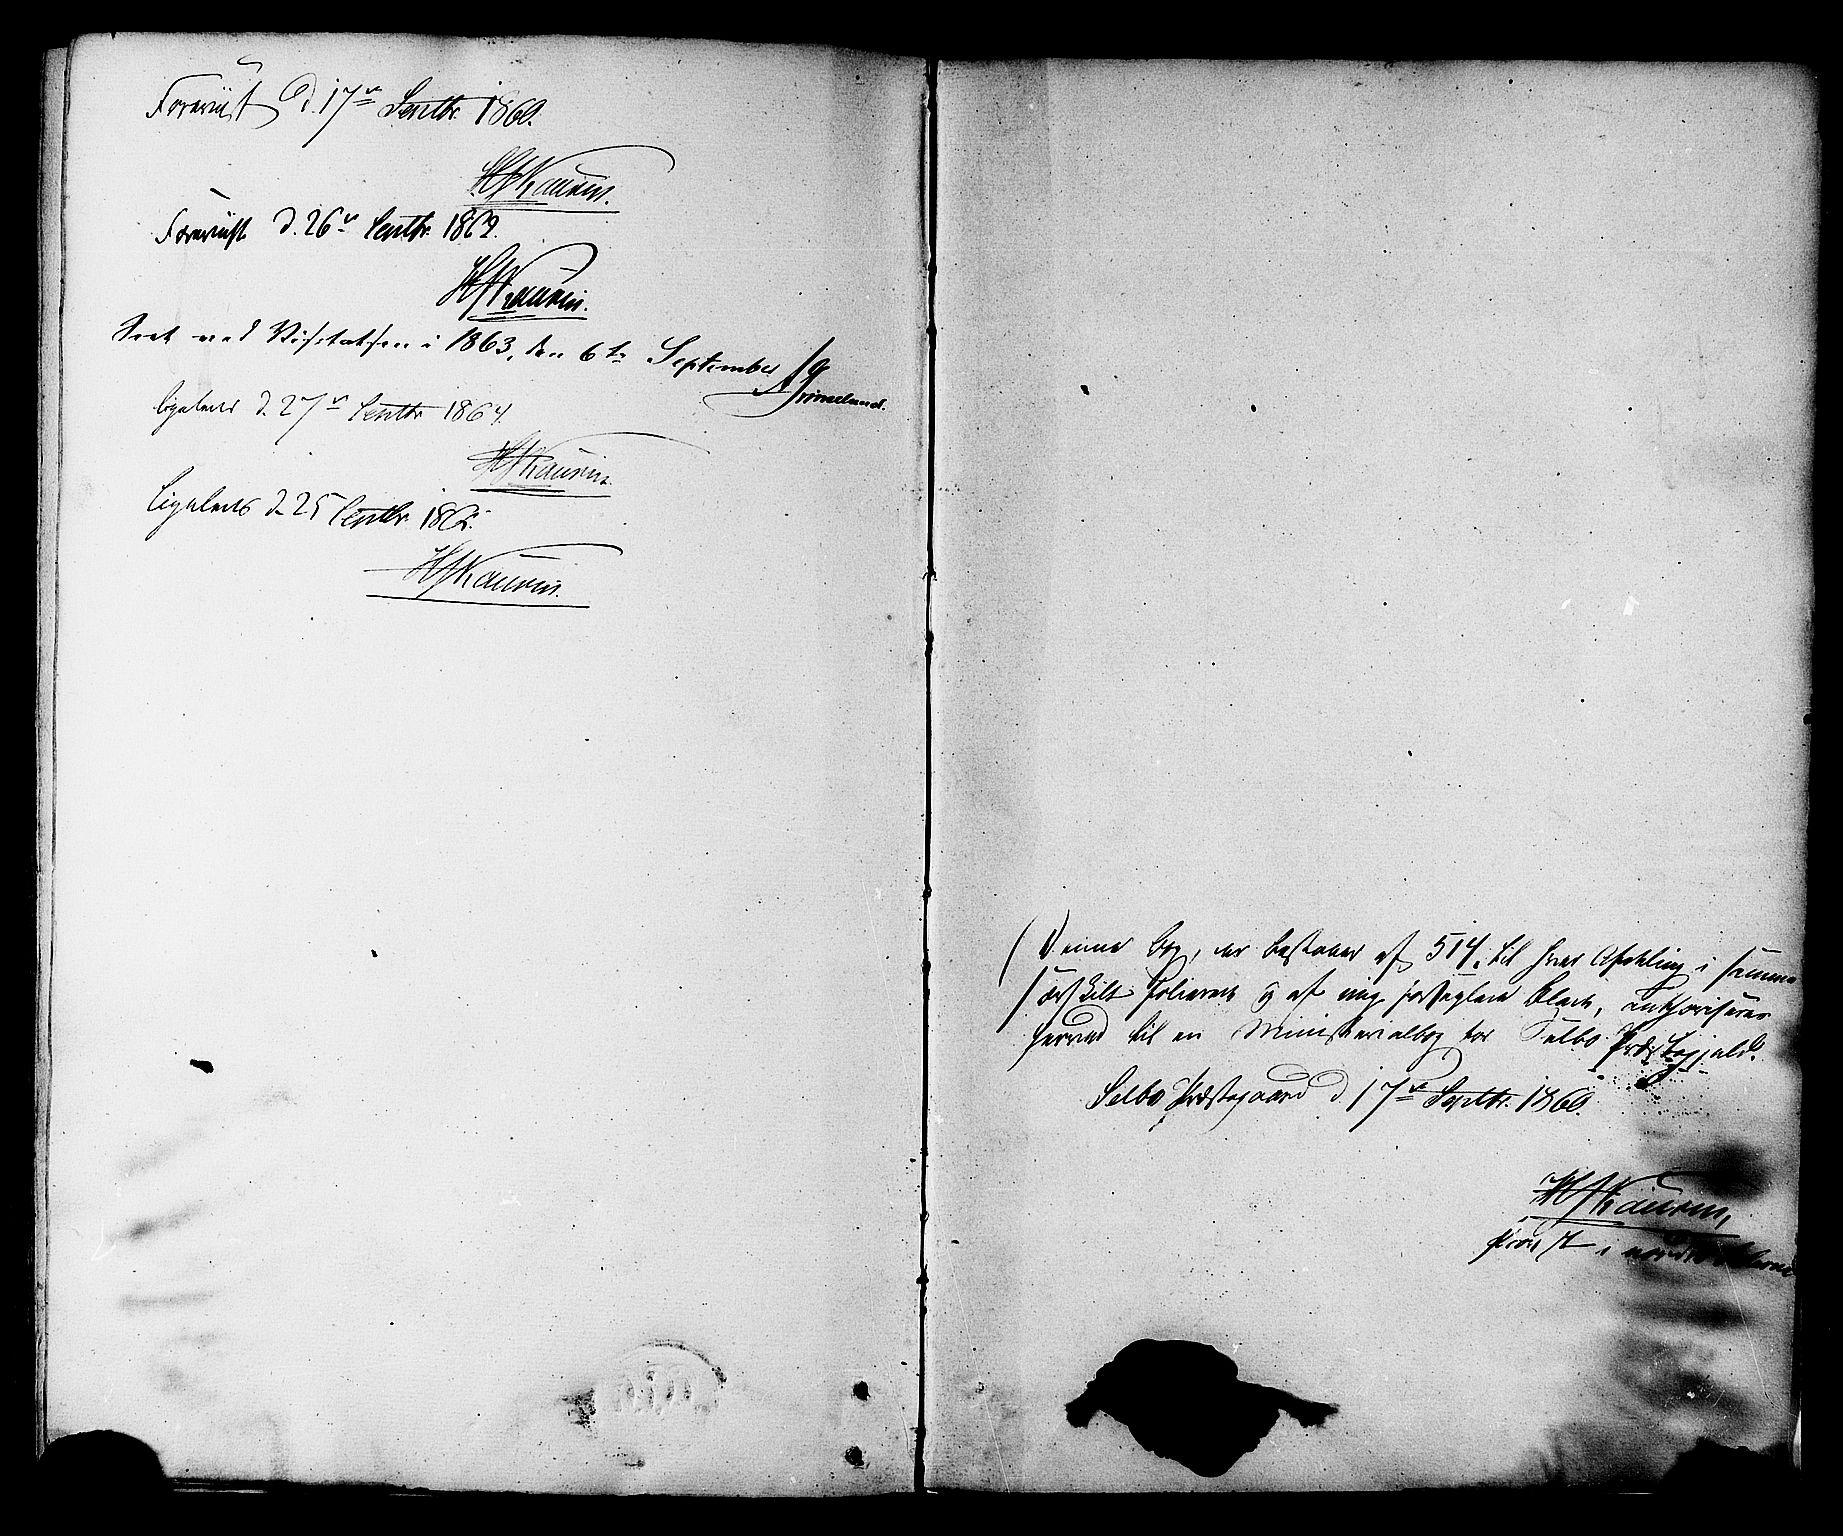 SAT, Ministerialprotokoller, klokkerbøker og fødselsregistre - Sør-Trøndelag, 695/L1147: Ministerialbok nr. 695A07, 1860-1877